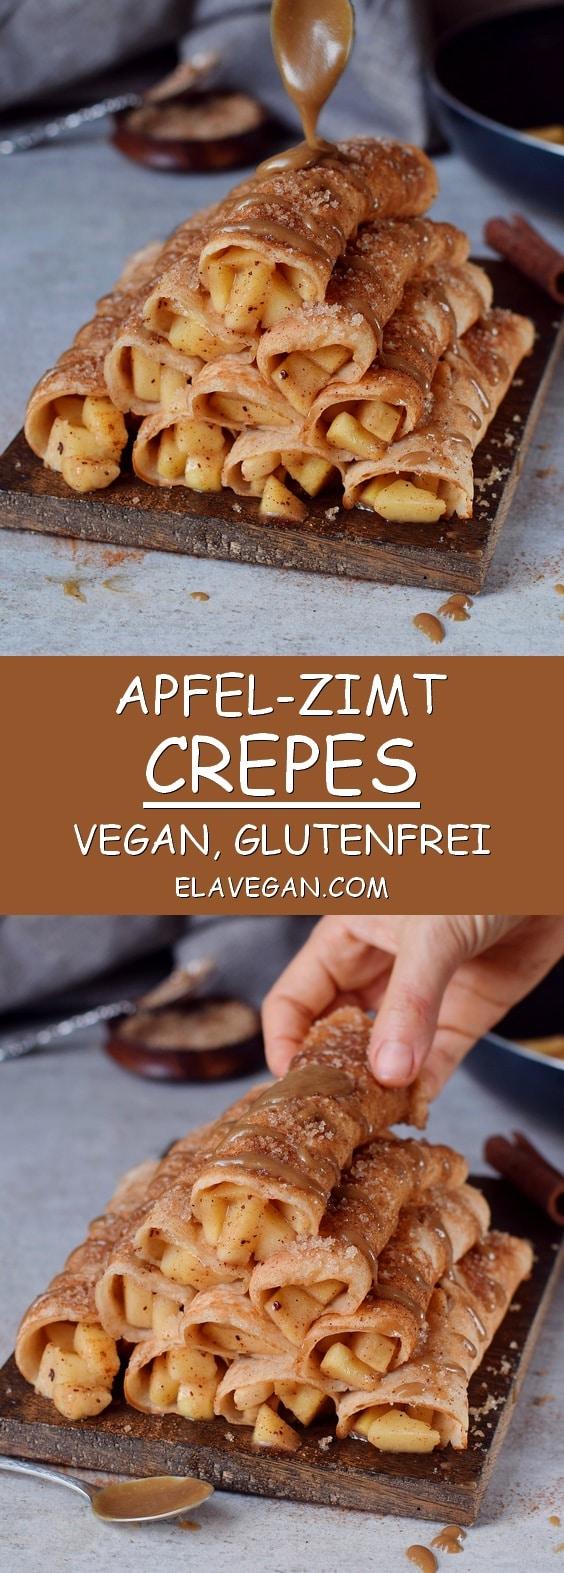 Apfel Crepes vegan glutenfrei mit Zimt und Karamellsoße Pinterest Collage